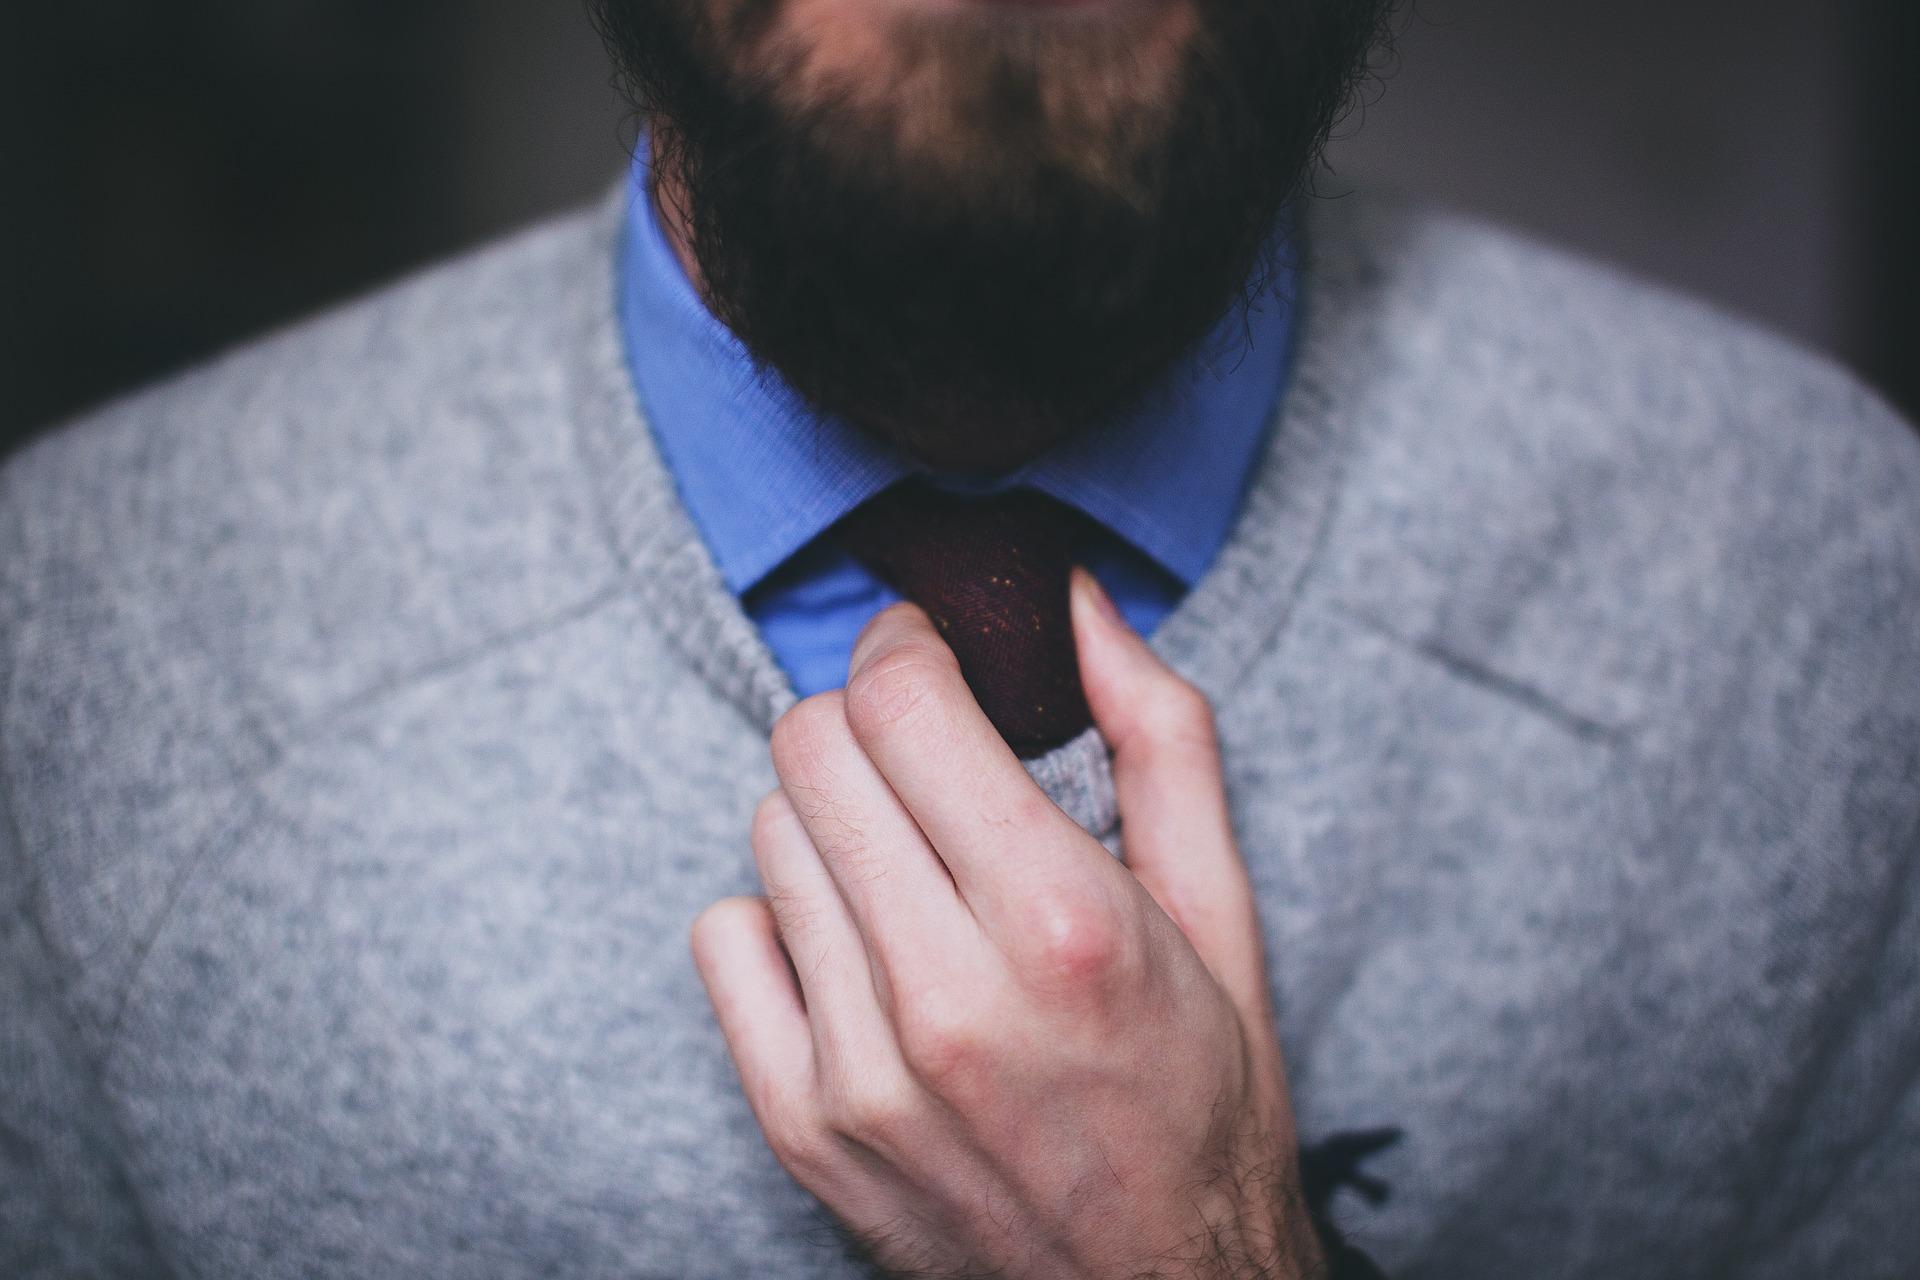 ホワイト カラー・ブルーカラーとはどんな意味?職業や給与の違いを詳しく解説!